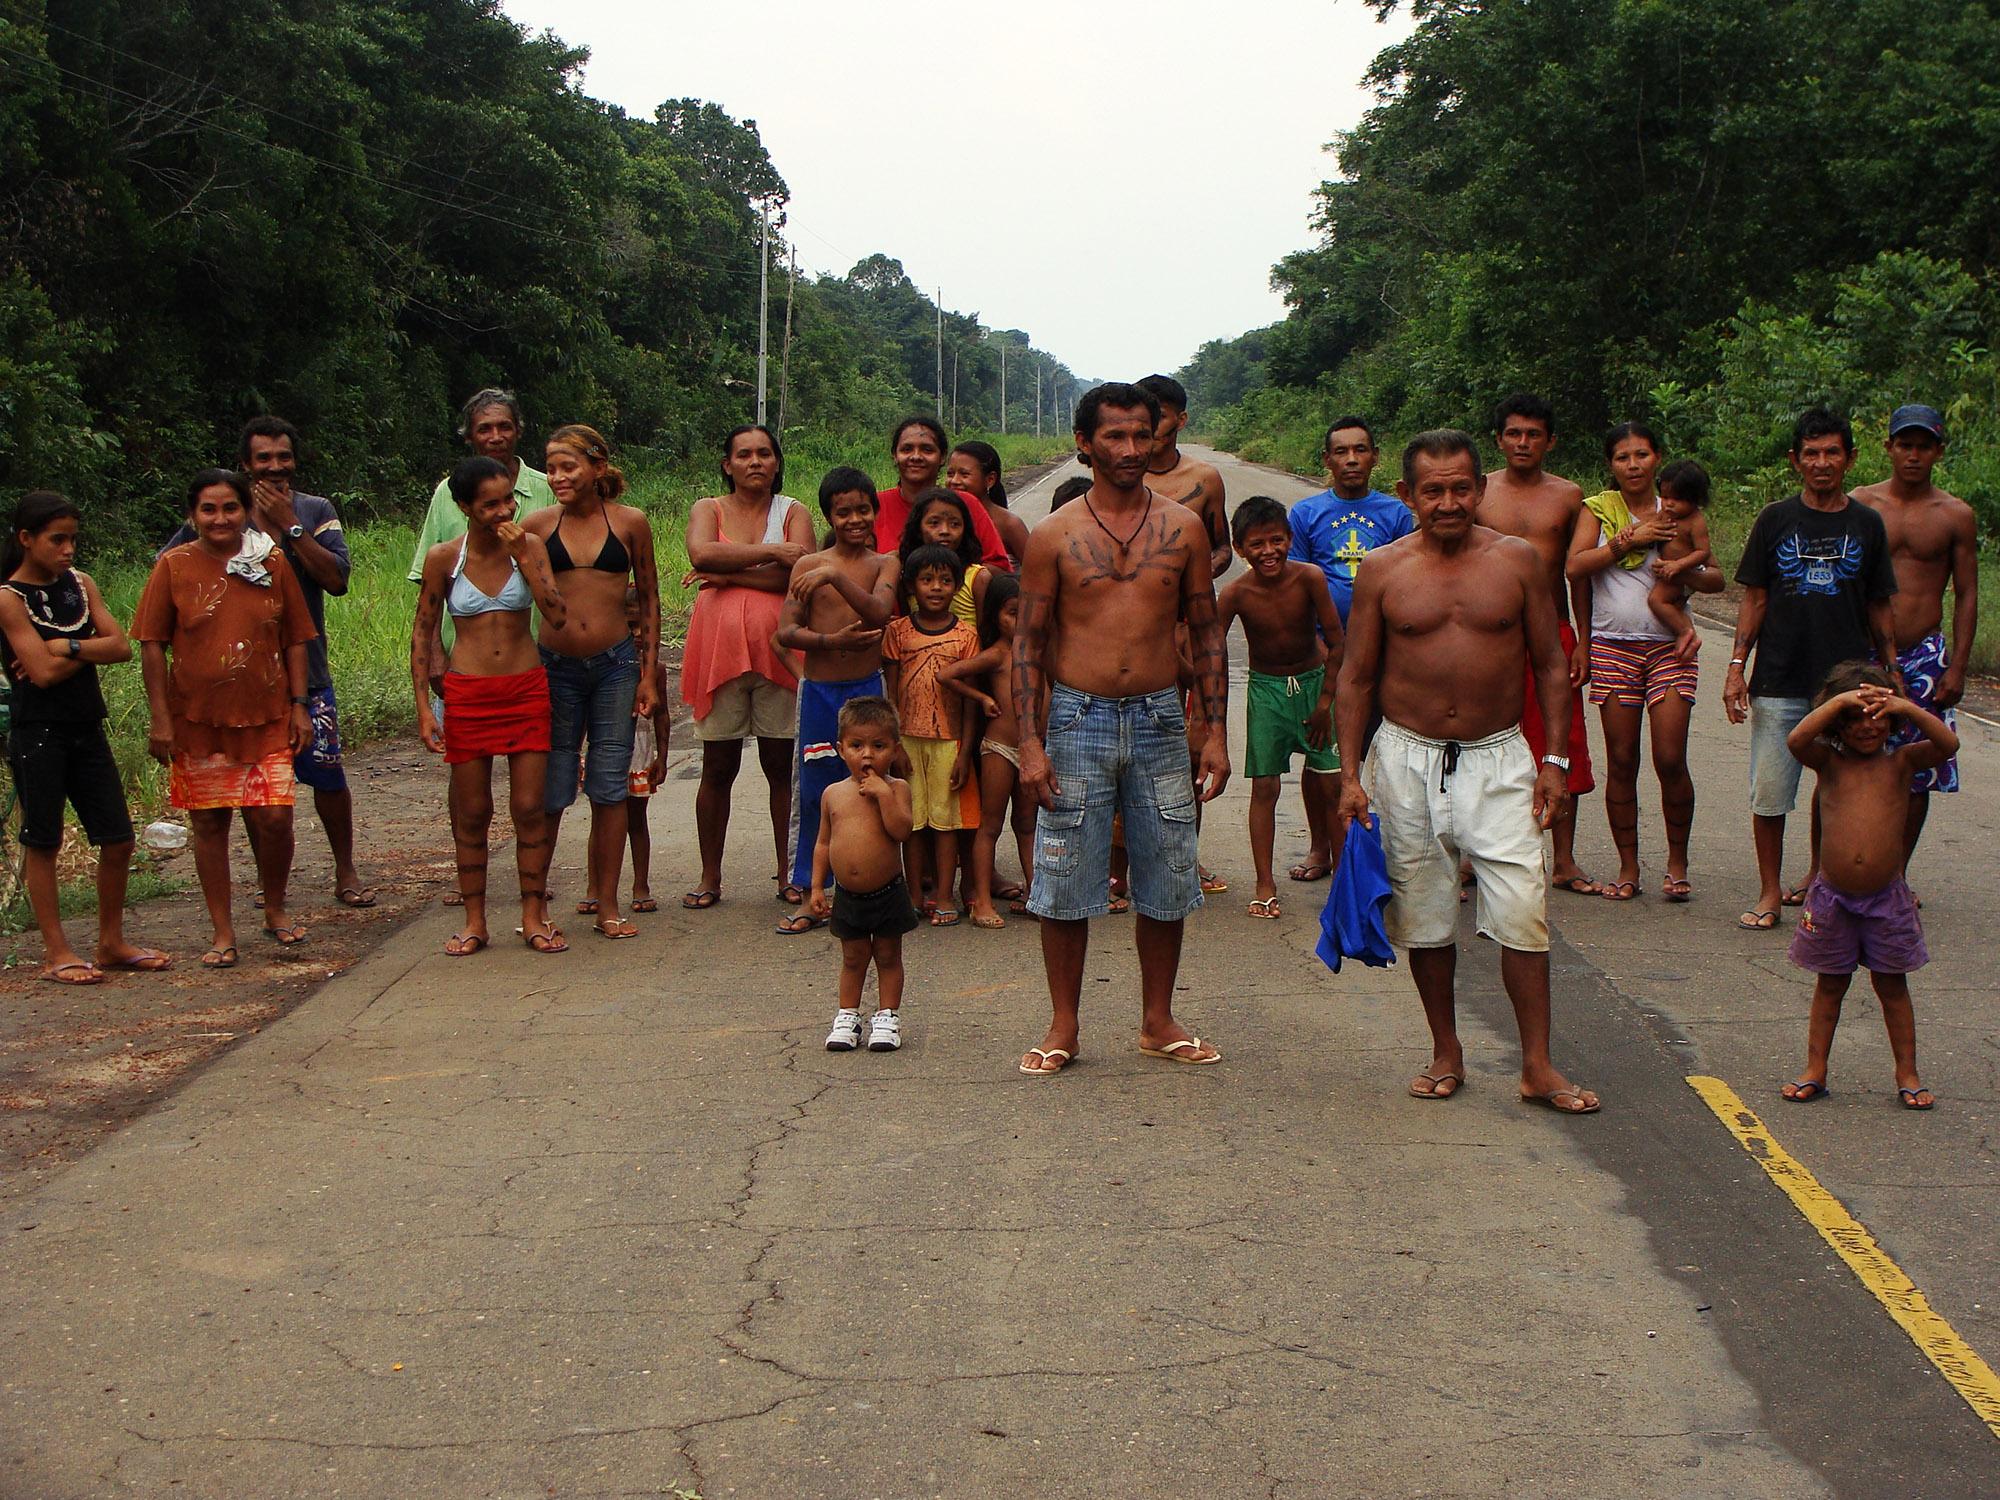 BR-319 ameaça povos indígenas 6:- A obrigação de consulta aos povos impactados